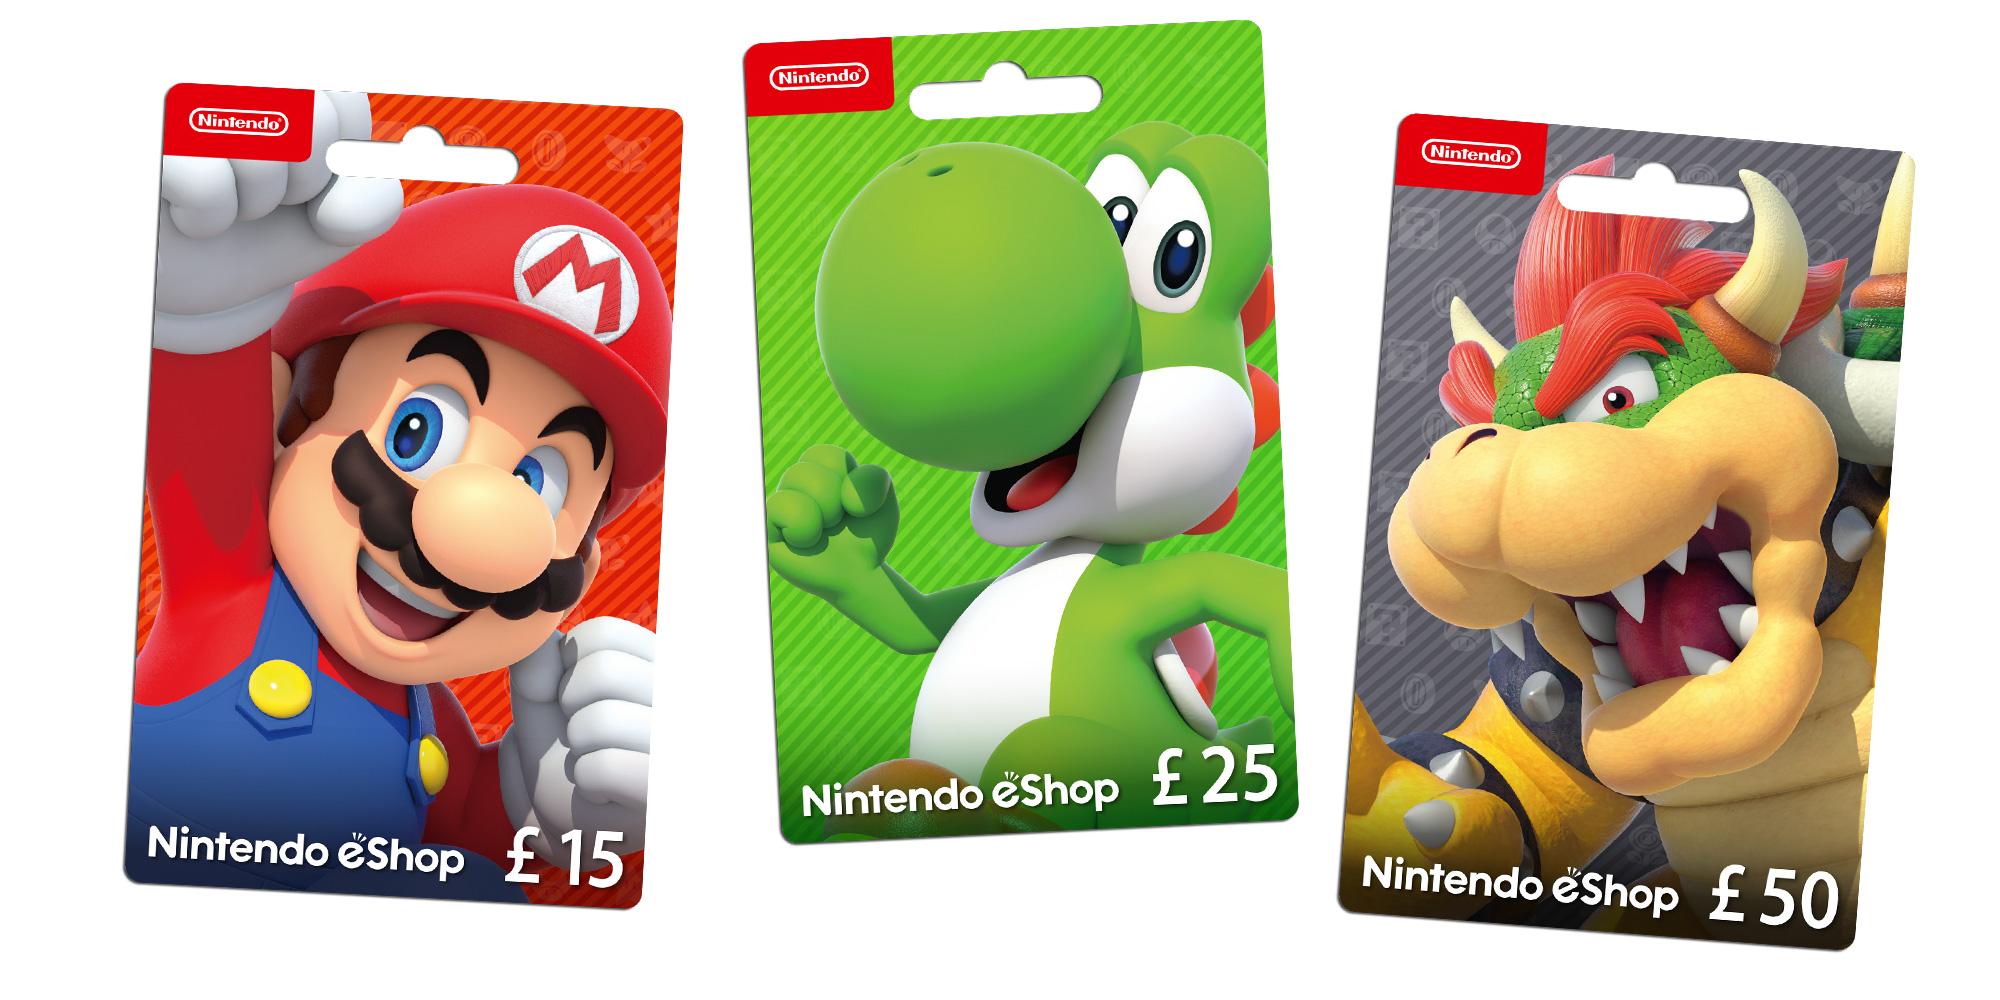 Nintendo eShop Cards | Nintendo 3DS Family | Nintendo